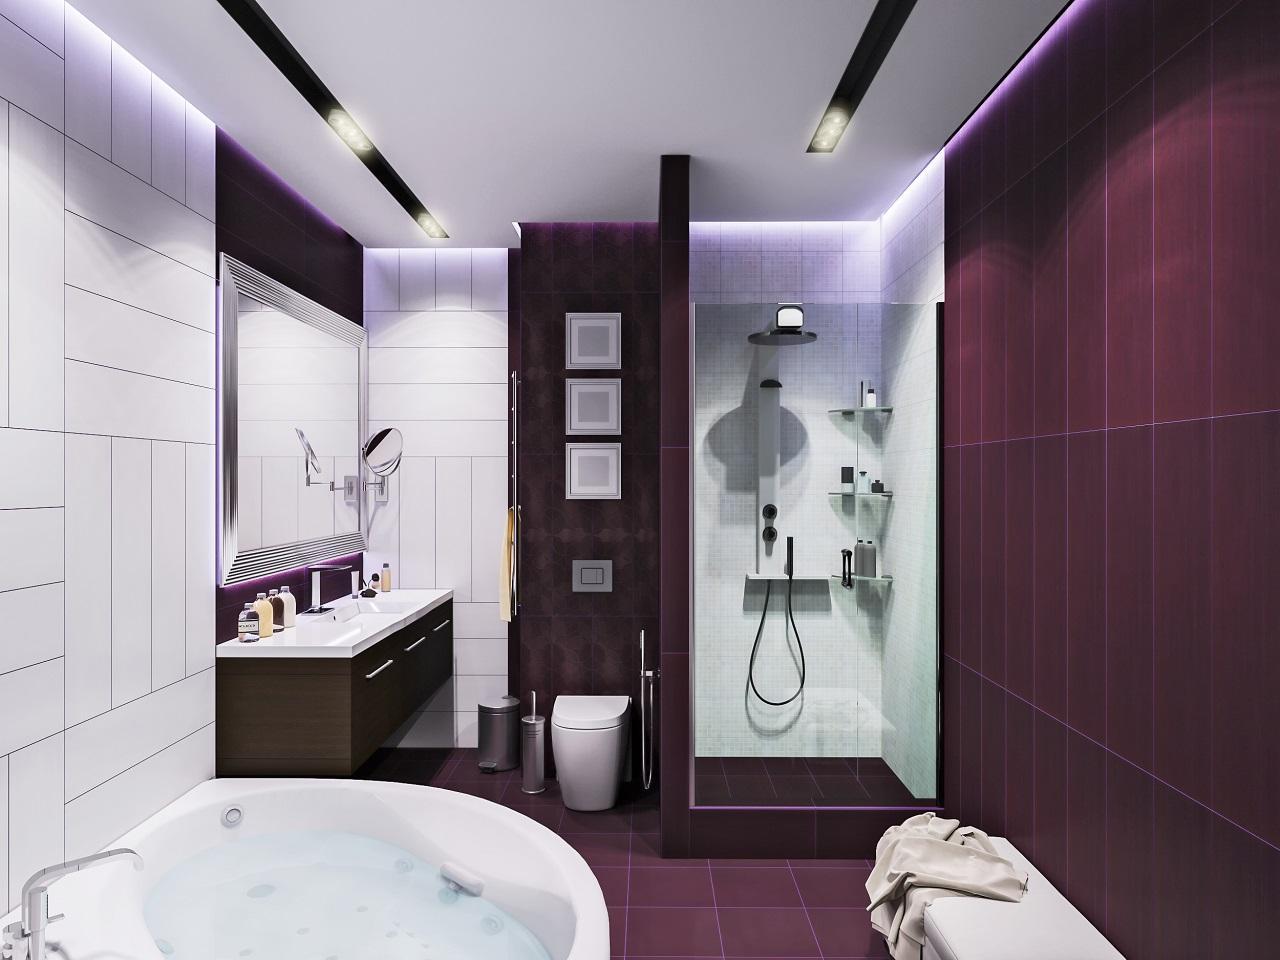 как выбрать цвет плитки для ванной комнаты сиреневой